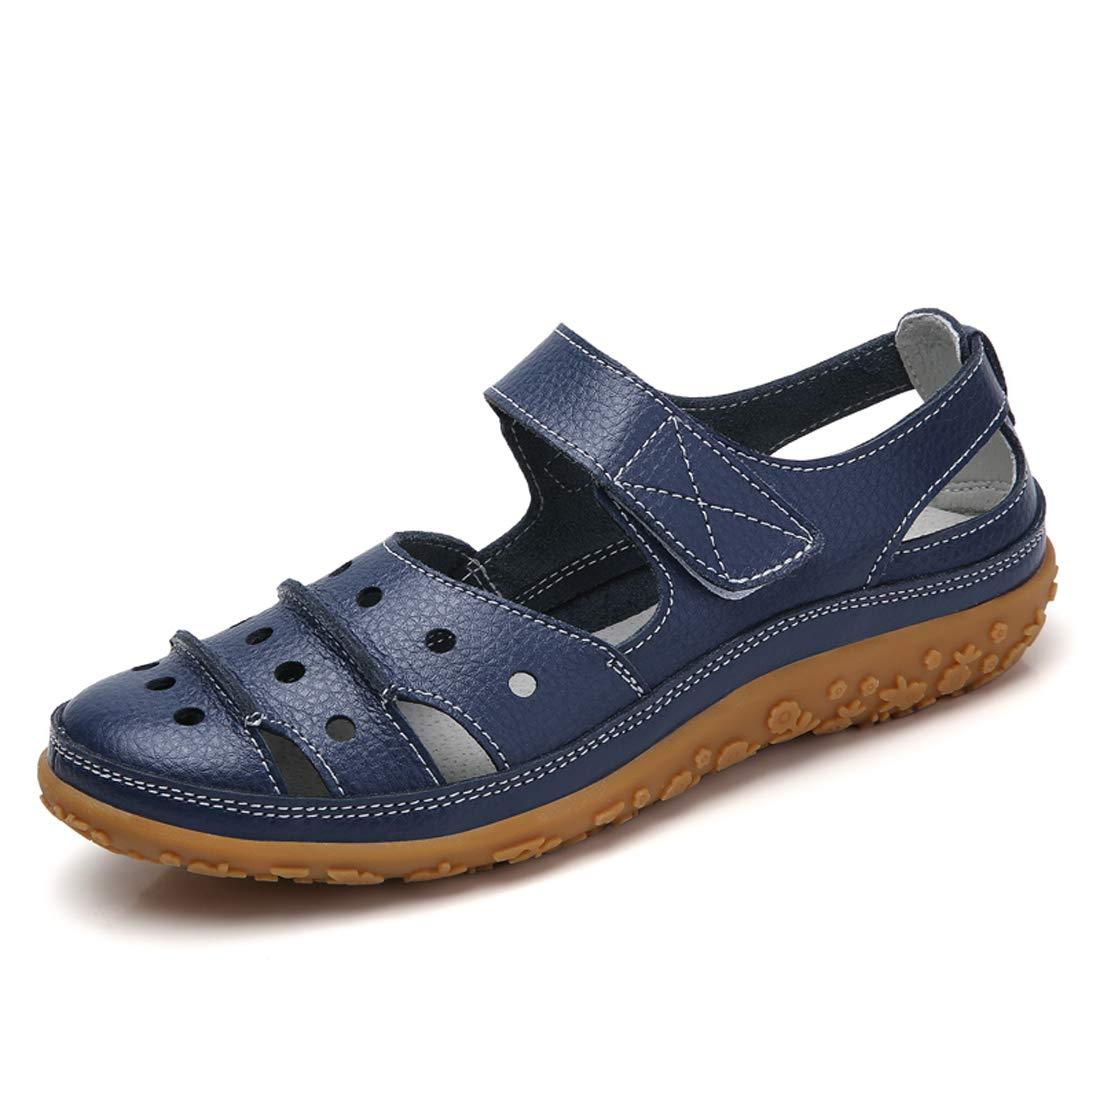 343503b4 Z.SUO Sandalias Mujer de Cuero Planas Cómodos Casual Mocasines Loafers Moda  Zapatos Plano Verano Sandalias y Chanclas